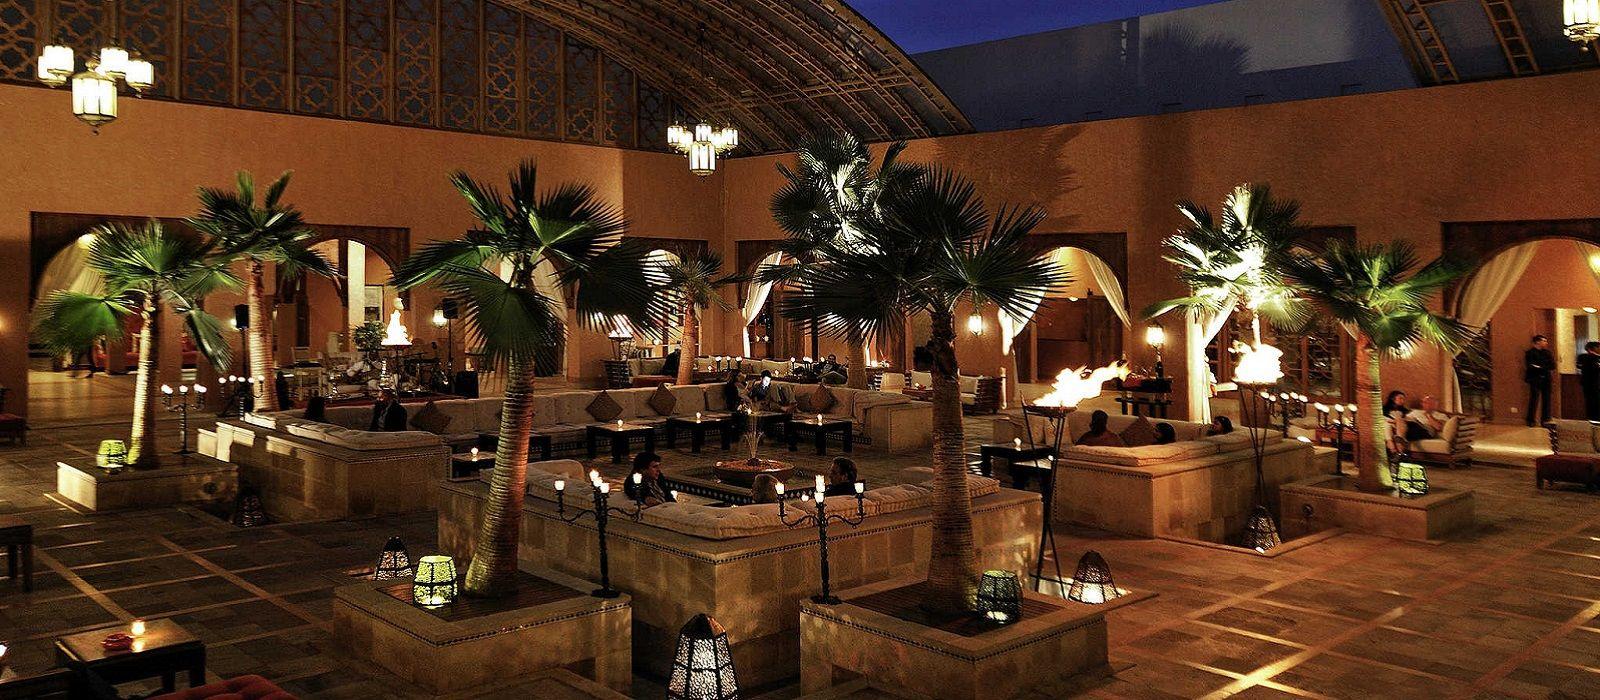 Hotel Sofitel Royal Bay Morocco